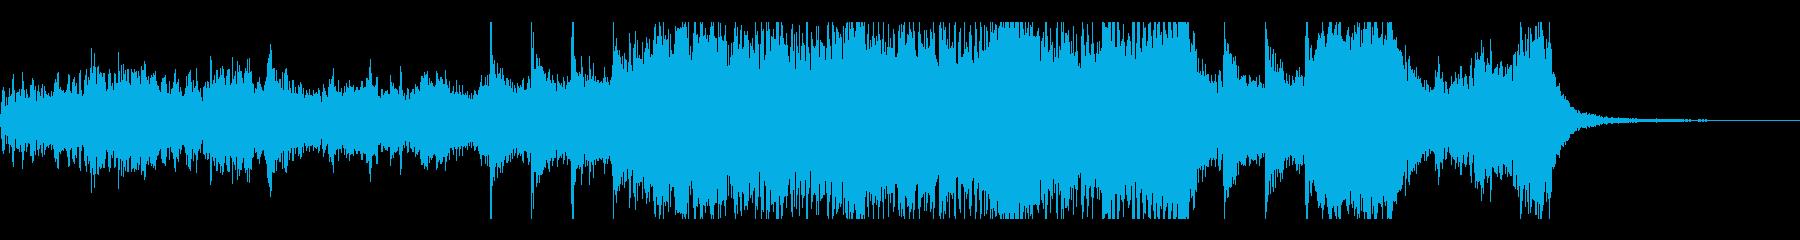 電気音響シンフォニー 前衛交響曲 ...の再生済みの波形